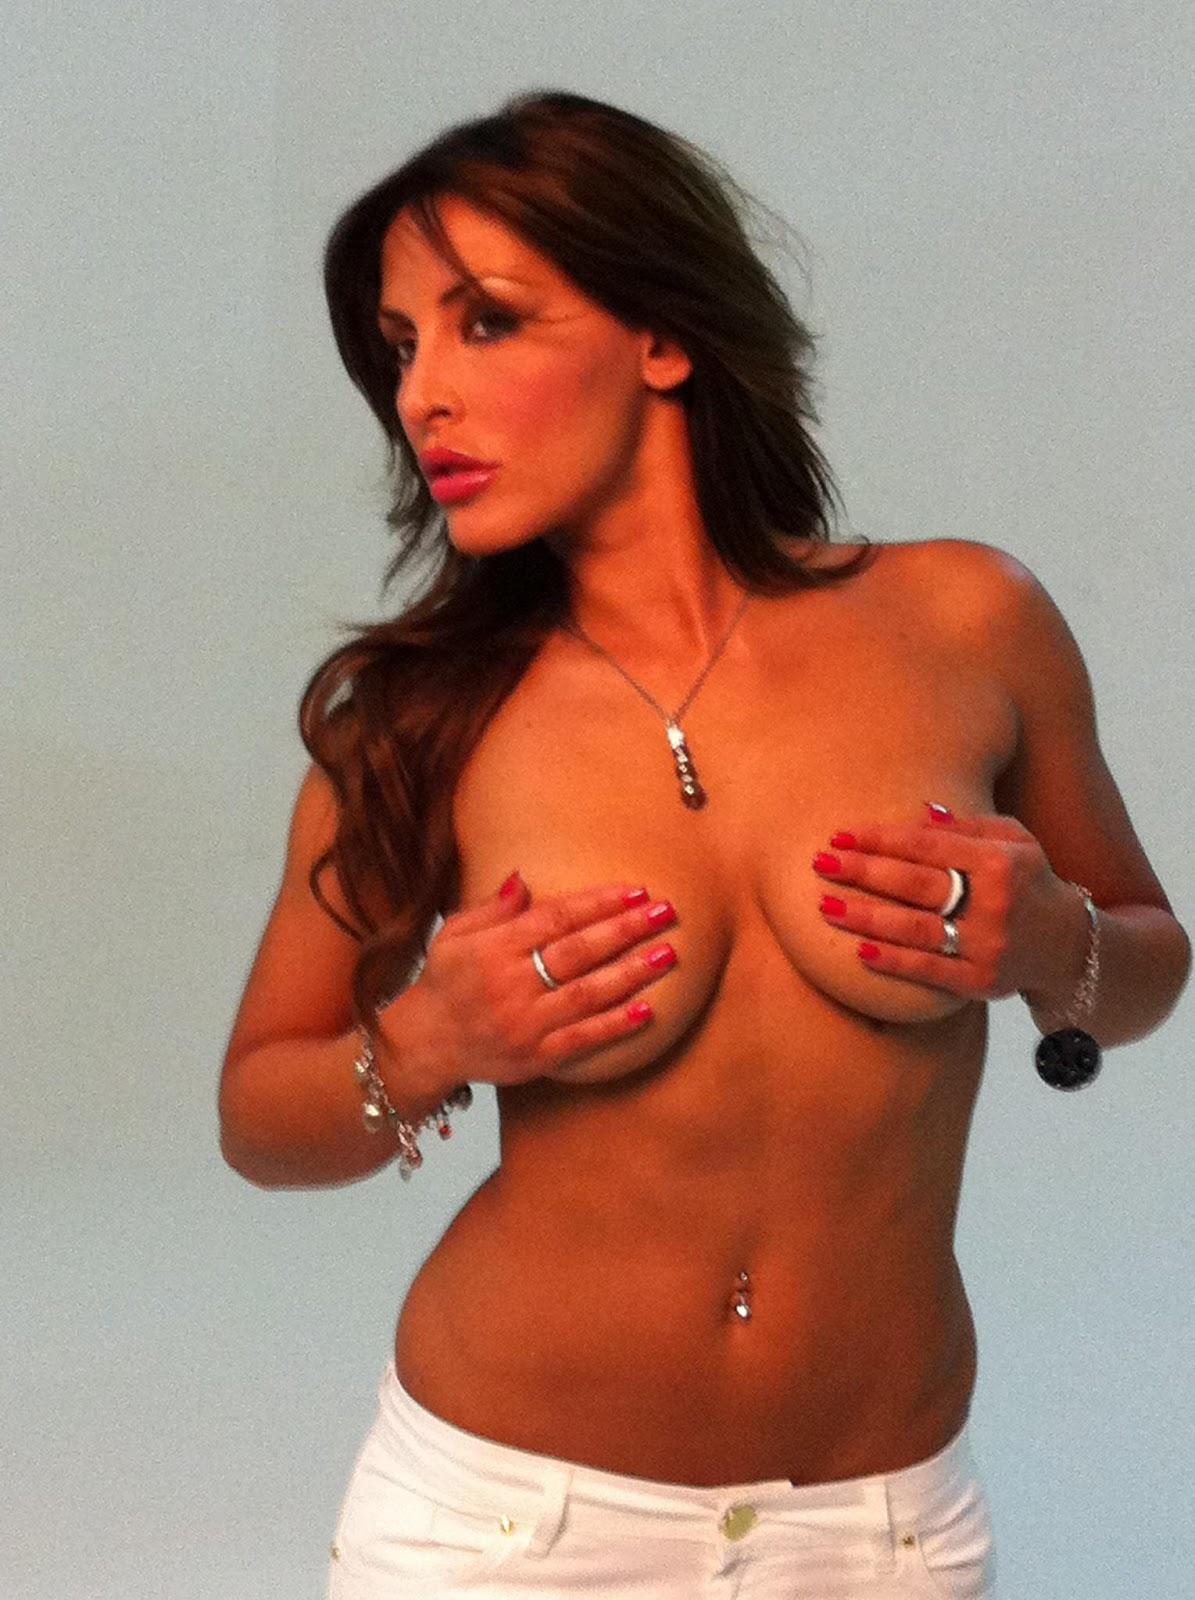 http://2.bp.blogspot.com/-WeJPF_VzKhI/TlV9rWFvlOI/AAAAAAAAC5w/hrzqAYZXous/s1600/Ferdinando-Giordano-e-Guendalina-Tavassi-13.jpg